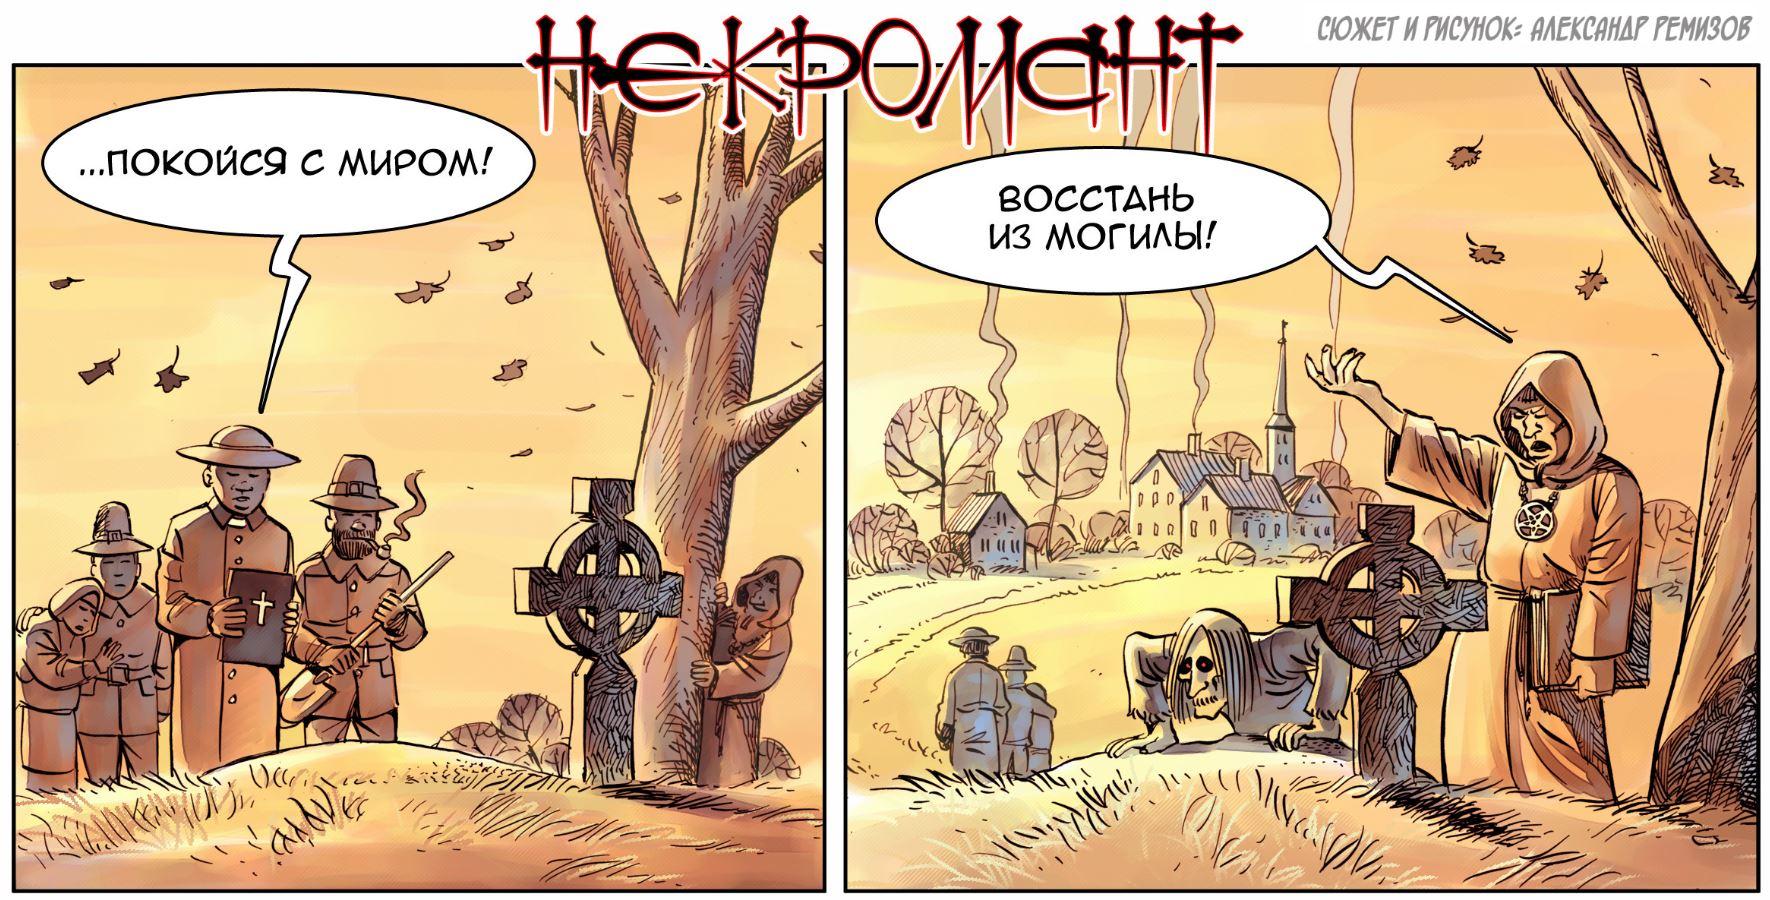 Комикс: некромант